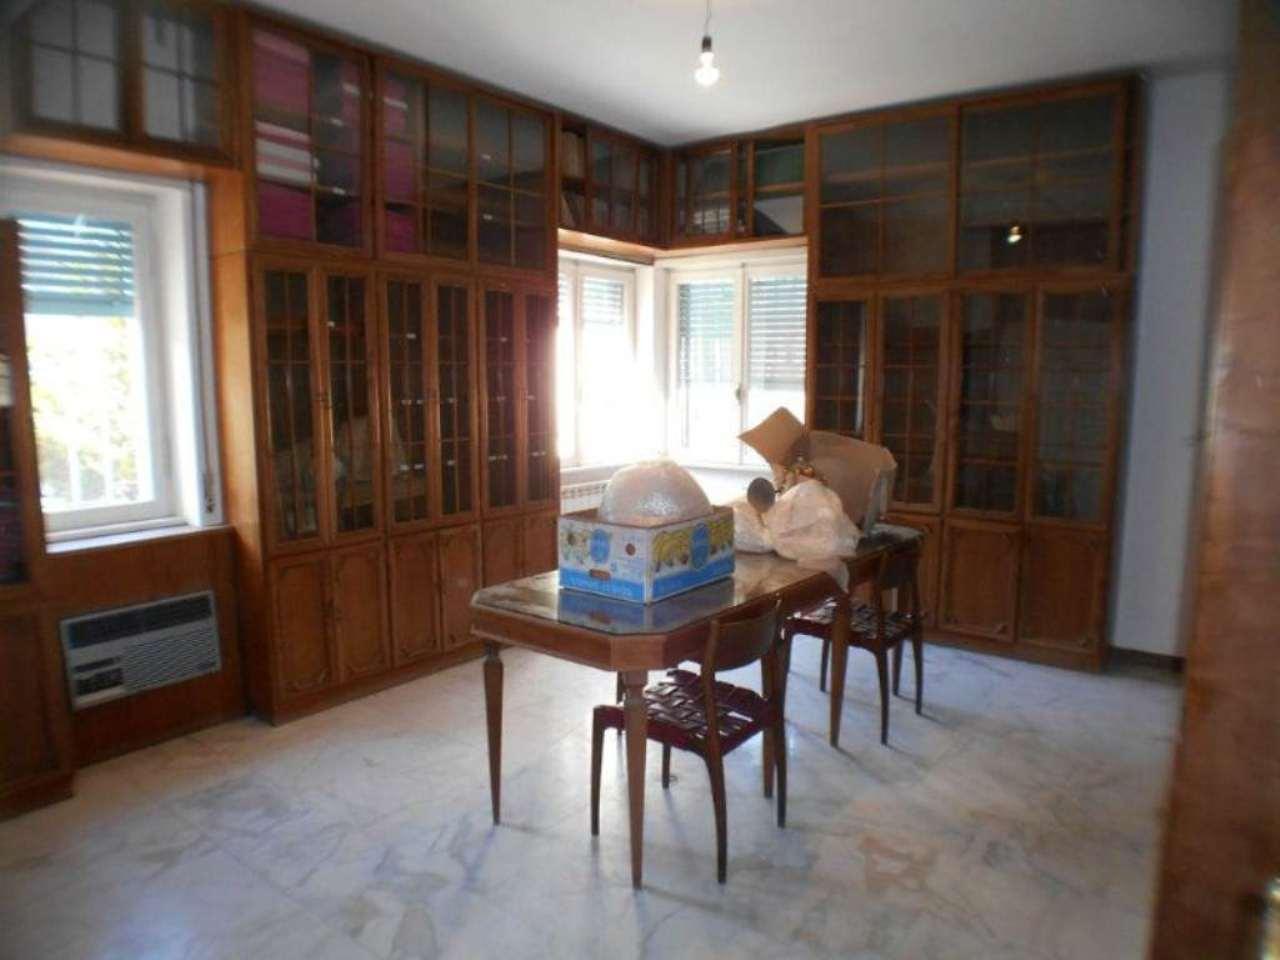 Ufficio / Studio in affitto a Tivoli, 5 locali, prezzo € 1.100 | Cambio Casa.it